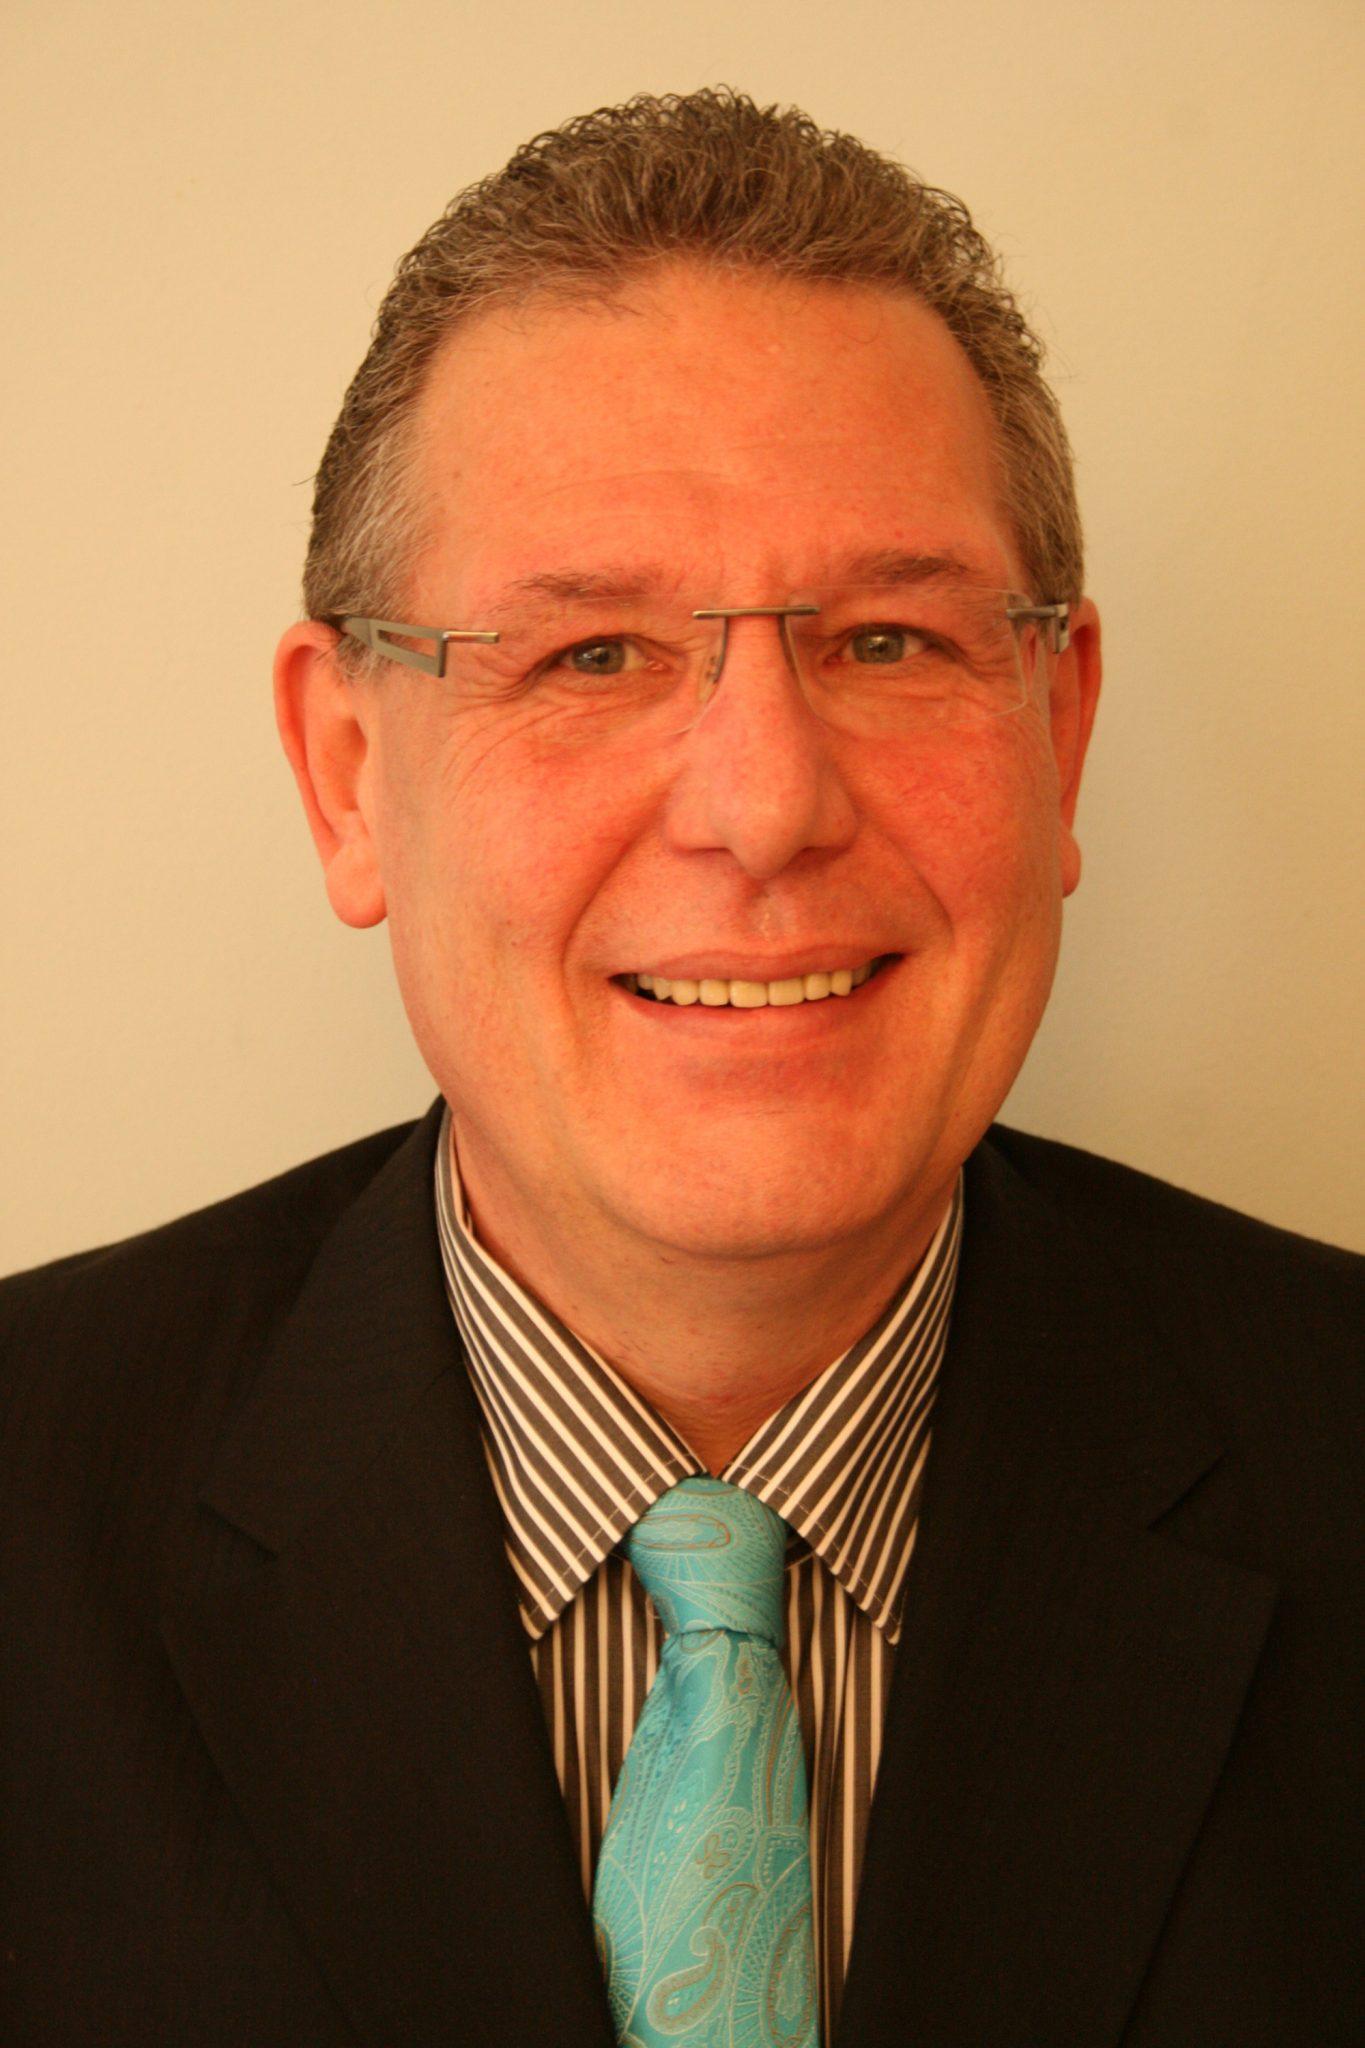 Robert Arbesser, Logistiker: ... Motivation zur Gründung war jahrelange Erfahrung!